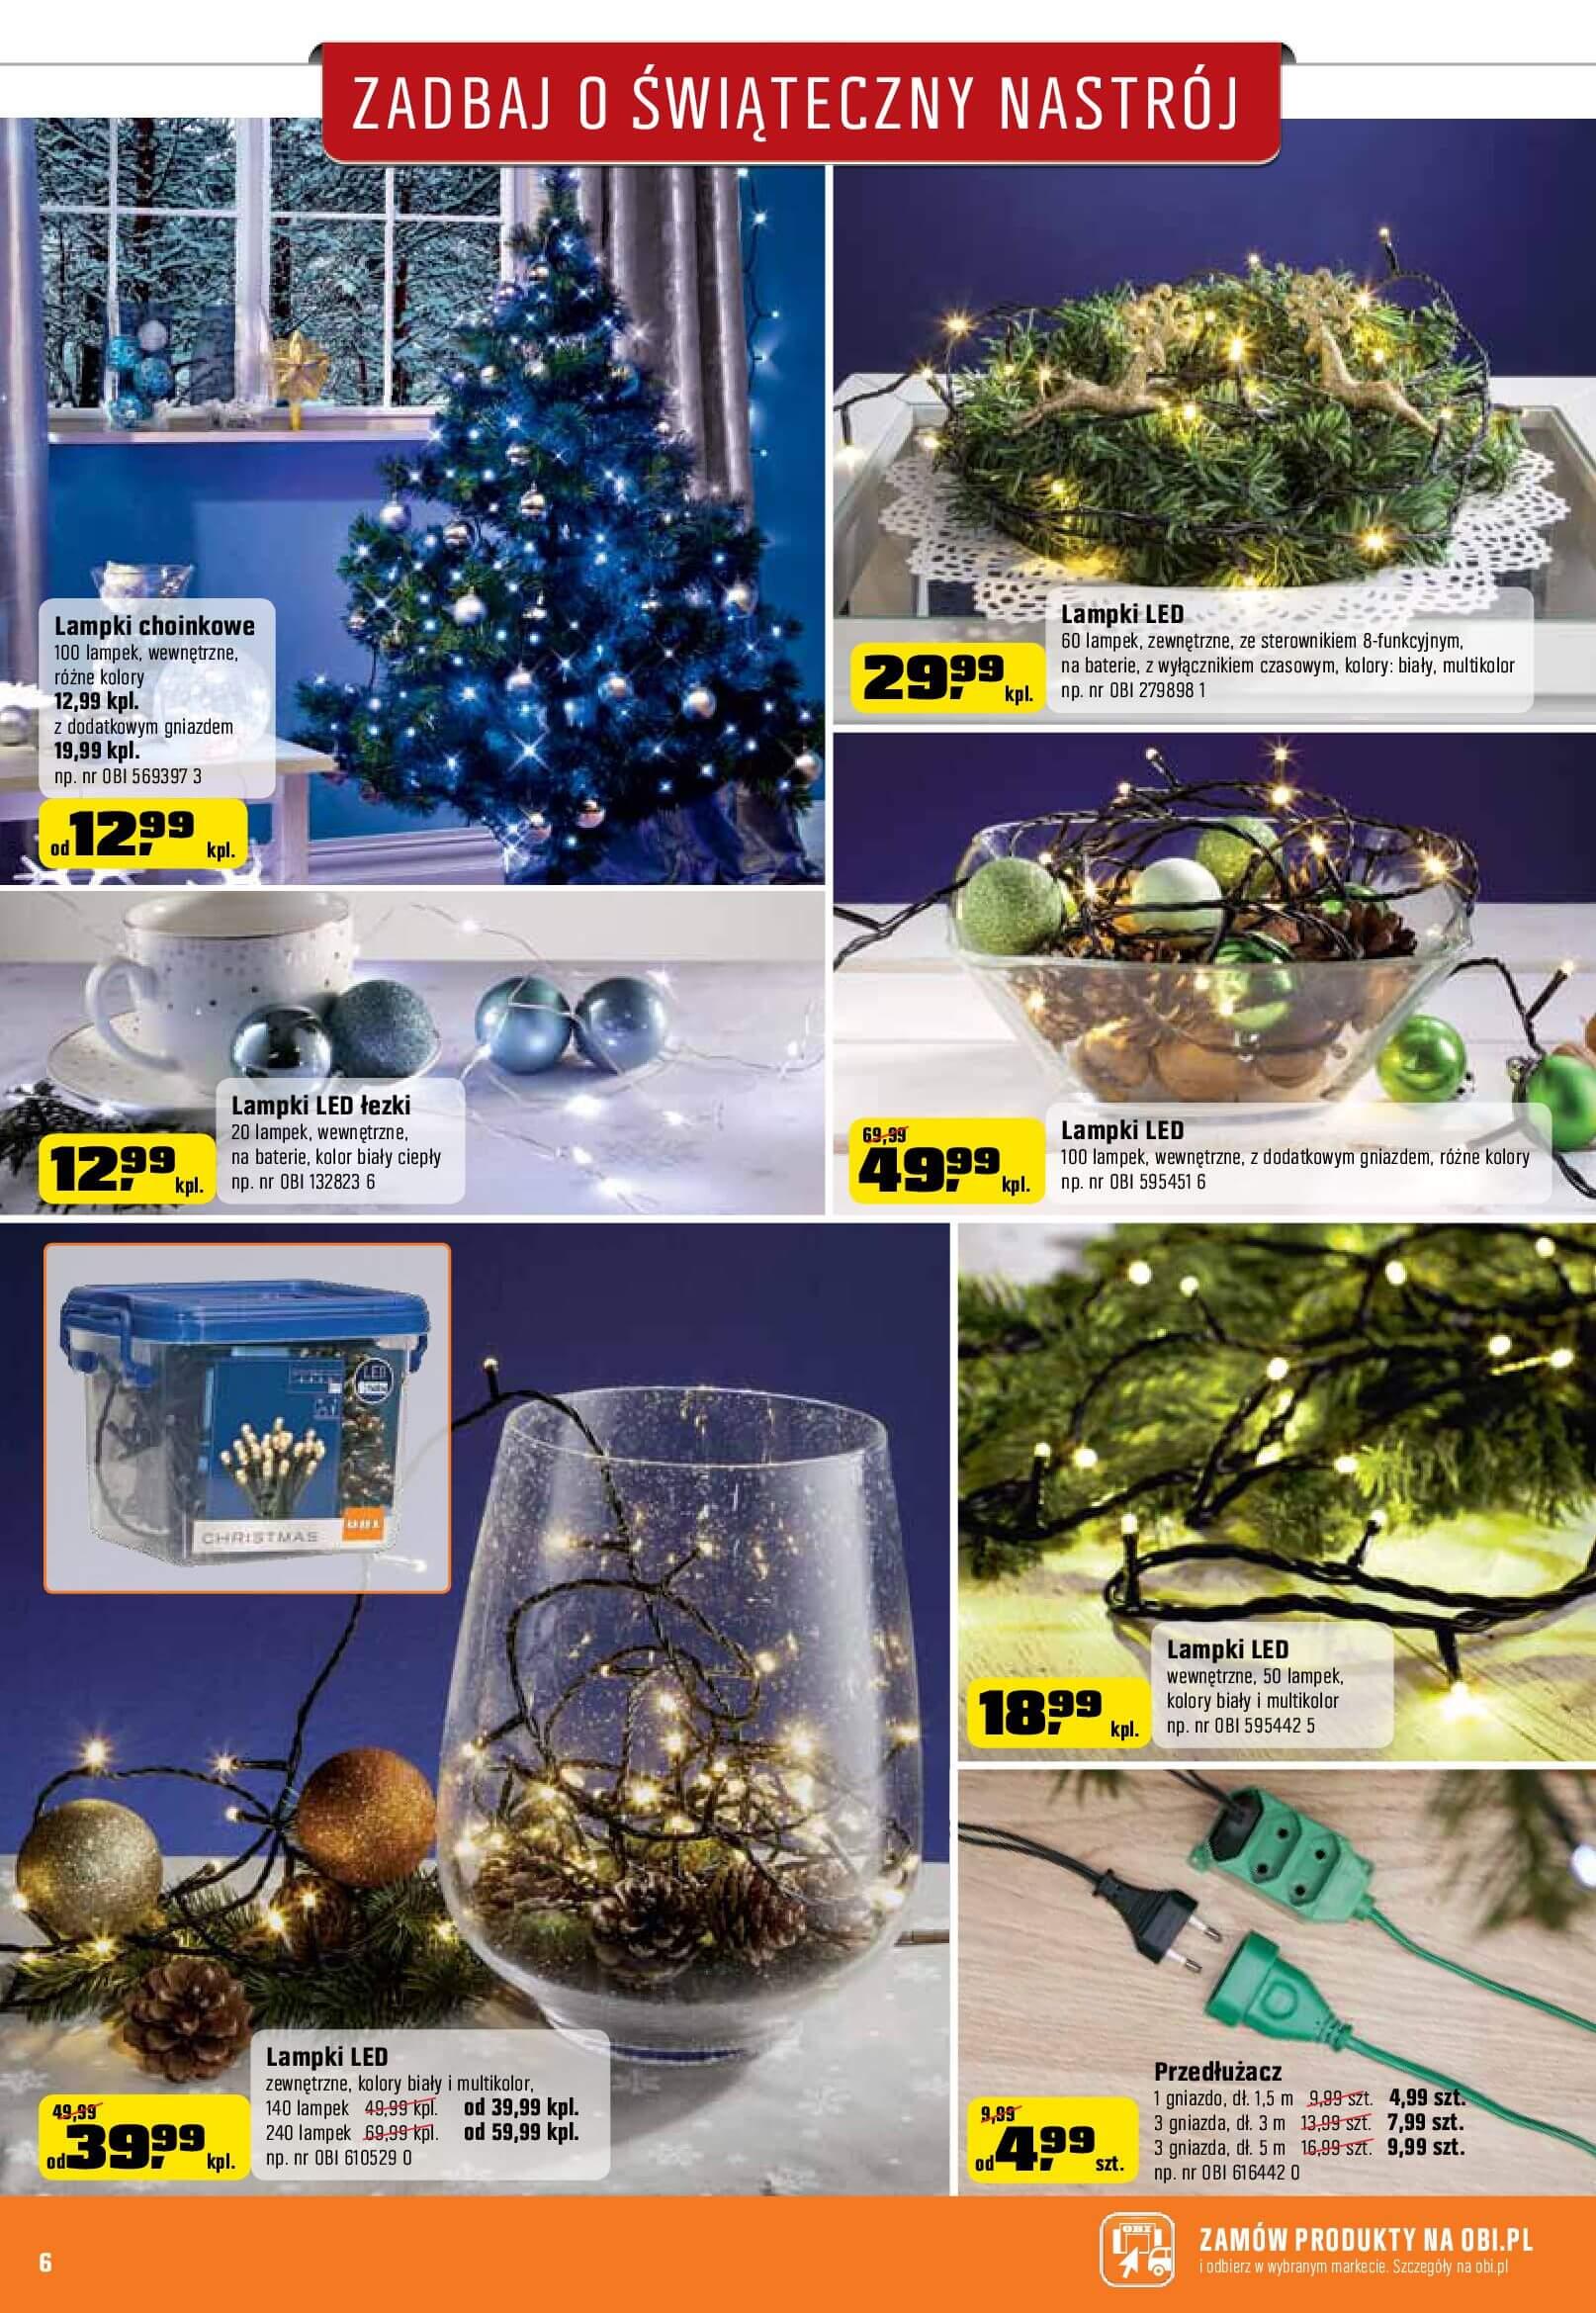 Gazetka OBI - Zadbaj o świąteczny nastrój-06.12.2017-02.01.2018-page-6